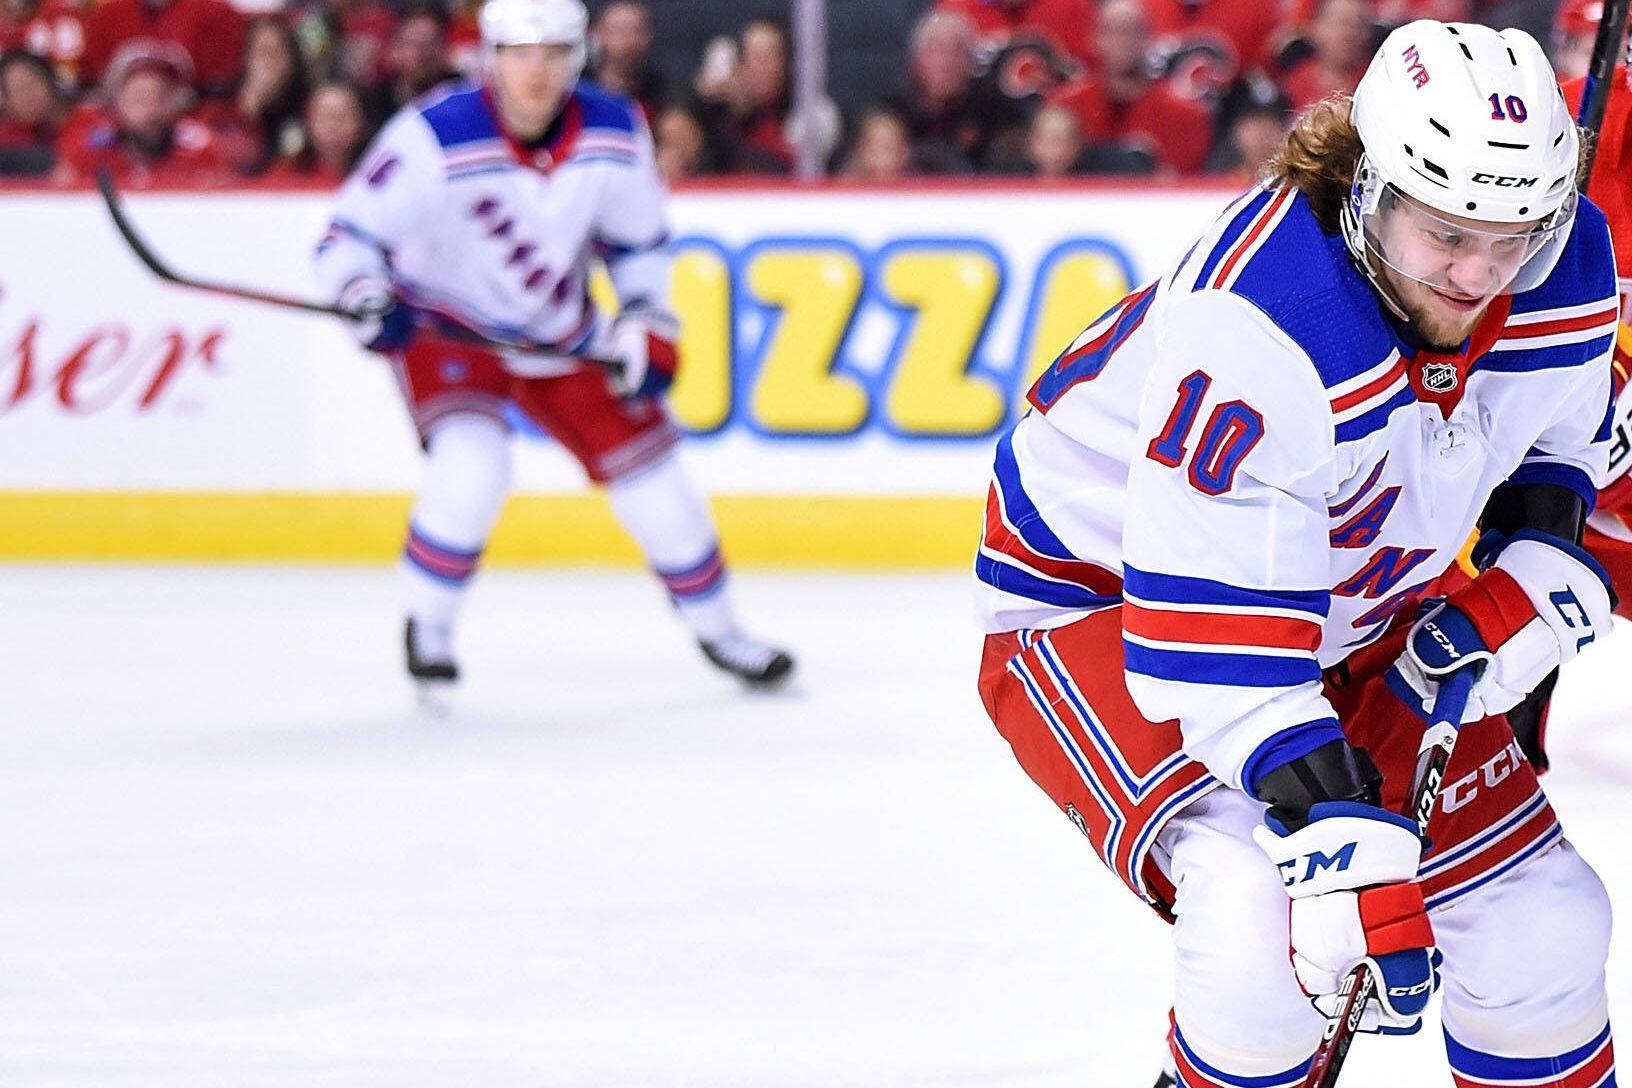 У Панарина новый рекорд в НХЛ. ВИДЕО